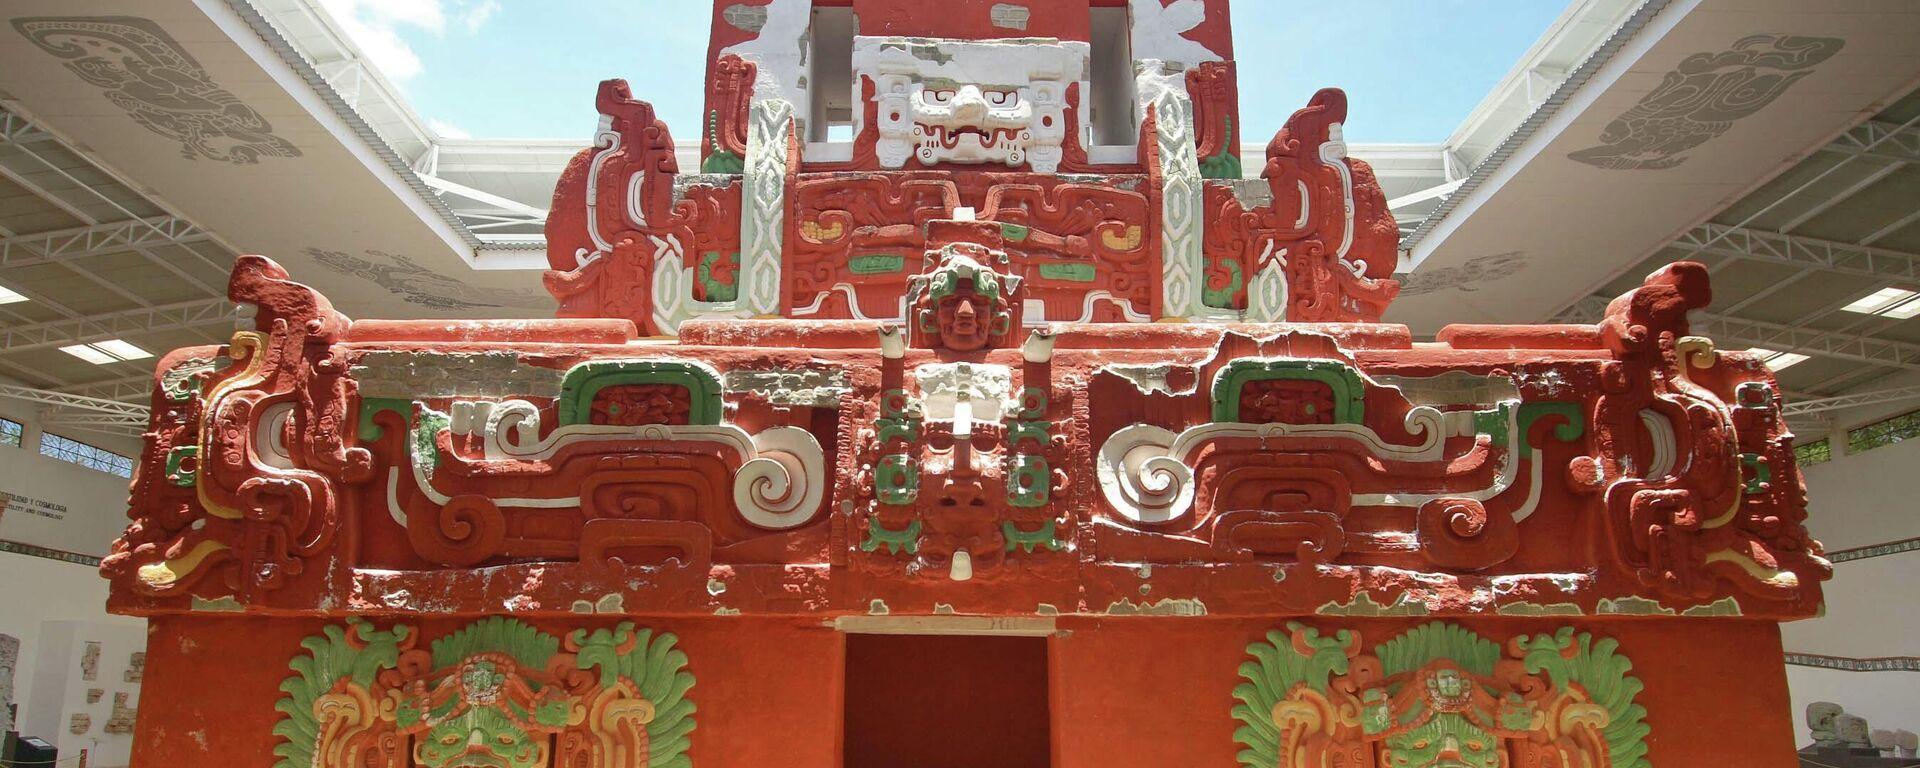 El templo maya Rosalila - Sputnik Mundo, 1920, 29.03.2021